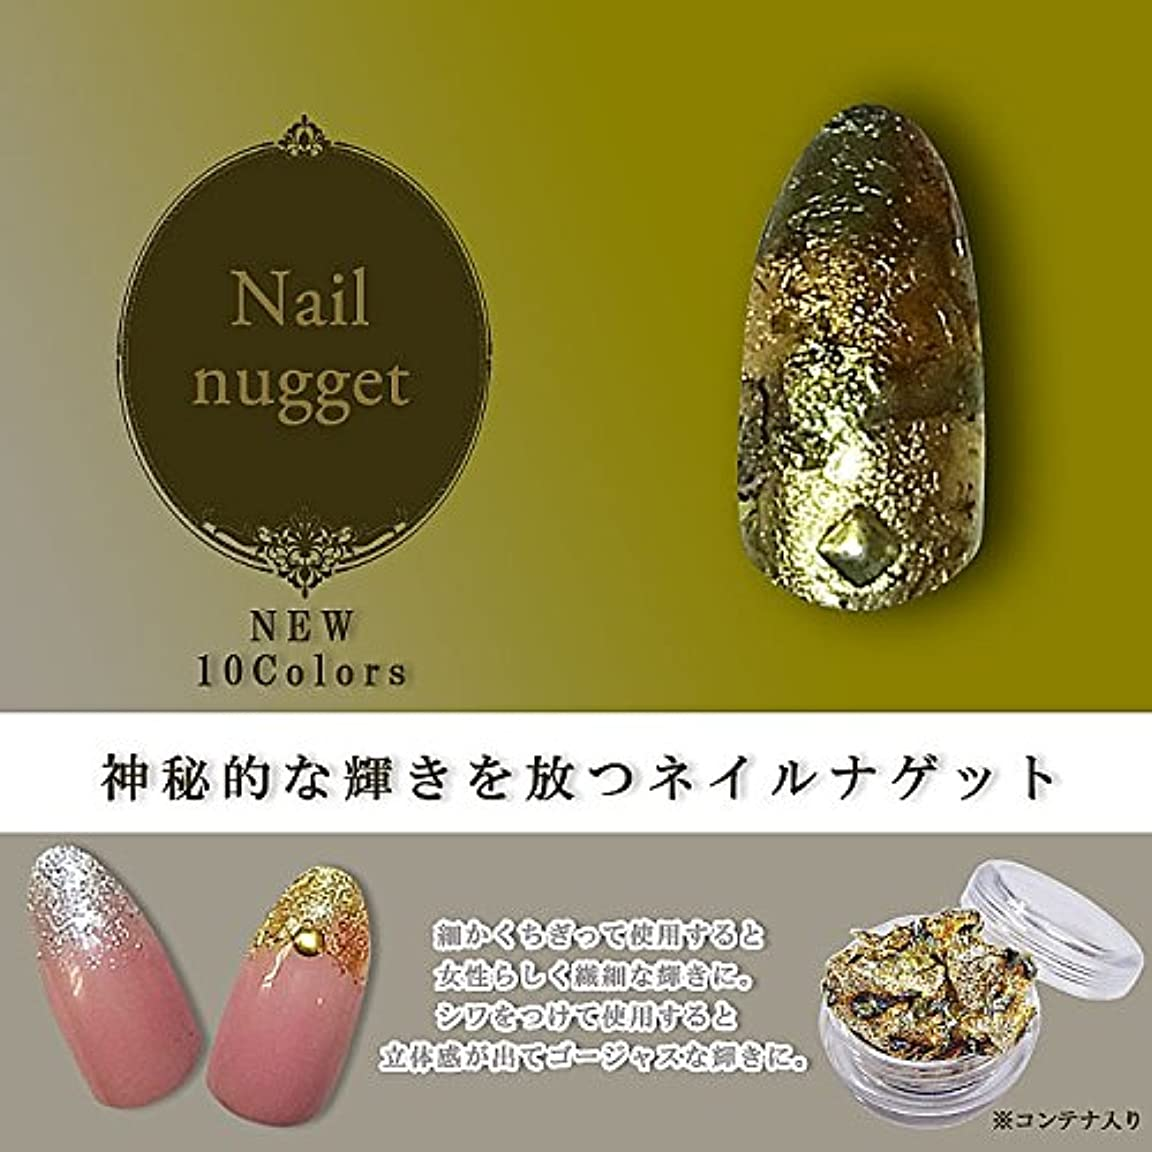 れるトマトシャーネイルナゲット(ネイルホイル) 金箔 銀箔 選べる全10色 (#02)